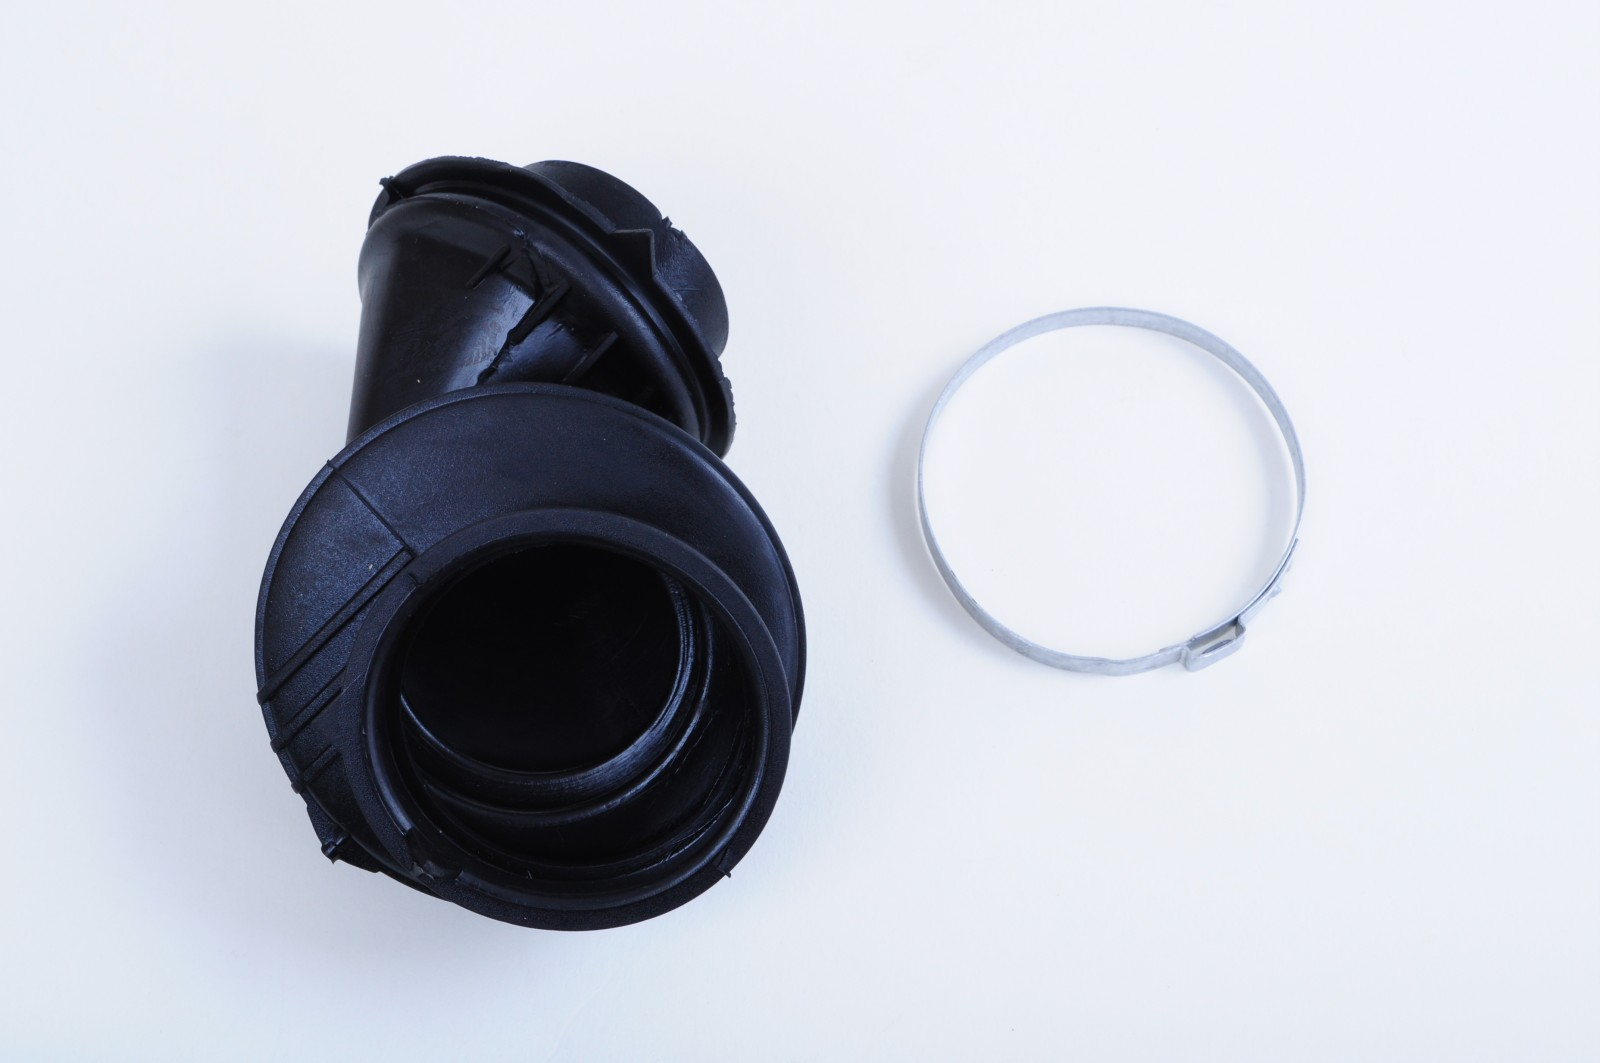 aeg electrolux kit waschmittel einlaufschlauchbogen. Black Bedroom Furniture Sets. Home Design Ideas